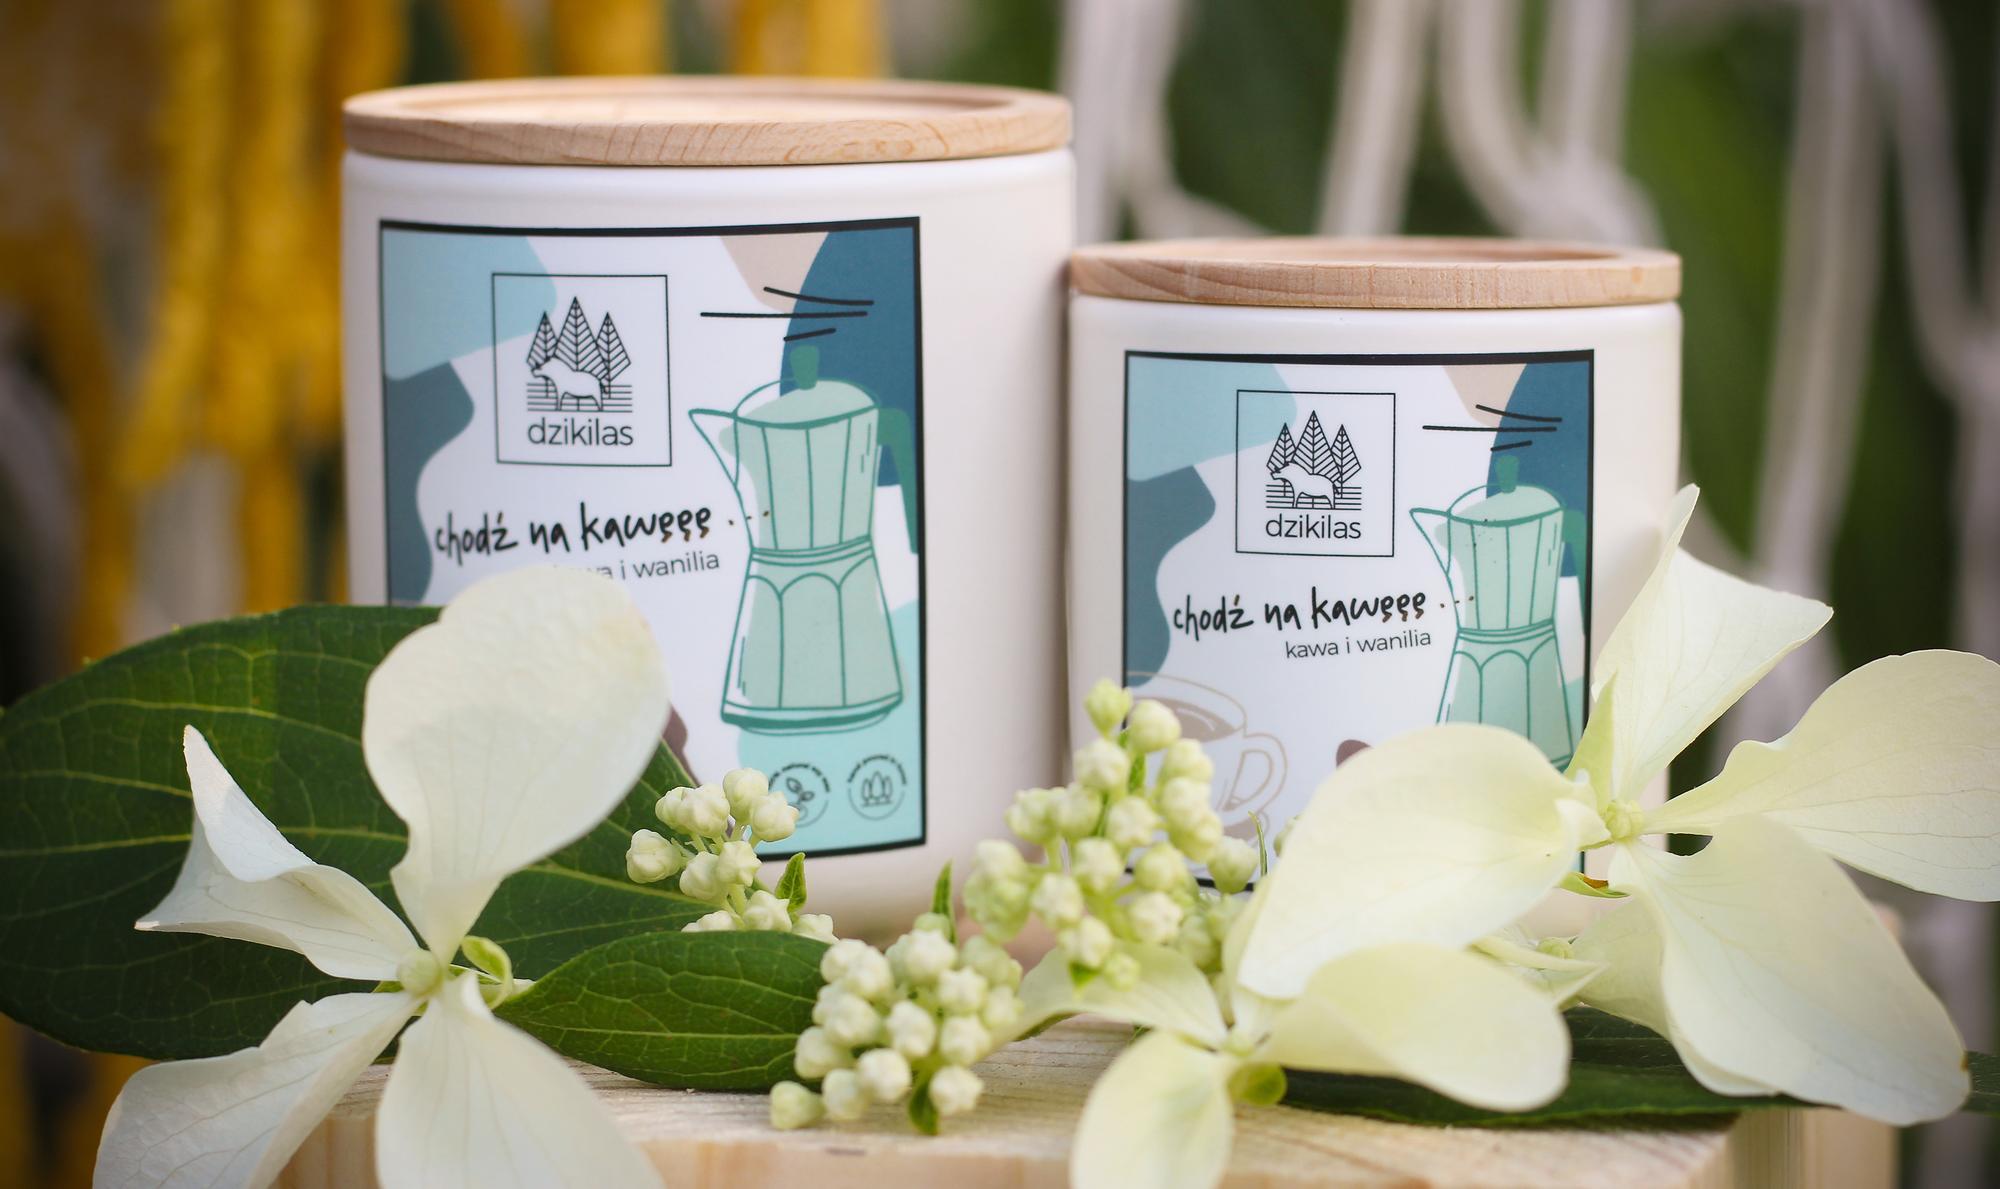 Obudź się dzięki otulającemu zapachowi kawy z wanilią. Mocny zapach ziaren kawy przełamany subtelną nutą wanilii sprawi, że każdy poranek będzie tak samo przyjemny. Świeca o kawowo-waniliowym zapachu to propozycja dla wszystkich osób, które kochają zapach kawy i nie wyobrażają sobie dnia bez niego. Chcemy Ci zaproponować zupełnie inny produkt ! Naturalną alternatywę dla szkodliwych świec z parafiny. Oto świece: Wykonane z wosku rzepakowego z domieszką 5% wosku pszczelego oraz naturalnych certyfikowanych olejków eterycznych. Wosk z którego jest wykonana nasza świeca jest przyjazny Tobie i środowisku. Biodegradowalny, produkowany wyłącznie z surowców uprawianych w Europie, nie modyfikowanych genetycznie. Nasz knot jest ekologiczny, w 100% wyprodukowany bez użycia środków chemicznych z niebielonej bawełny, powleczony naturalnym woskiem (mieszanka wosku pszczelego i wosków roślinnych). Nasza świeca o pojemności 90 ml, pali się od 20-25 godzin. Wosk rzepakowy ma gładką, mleczną strukturę, c